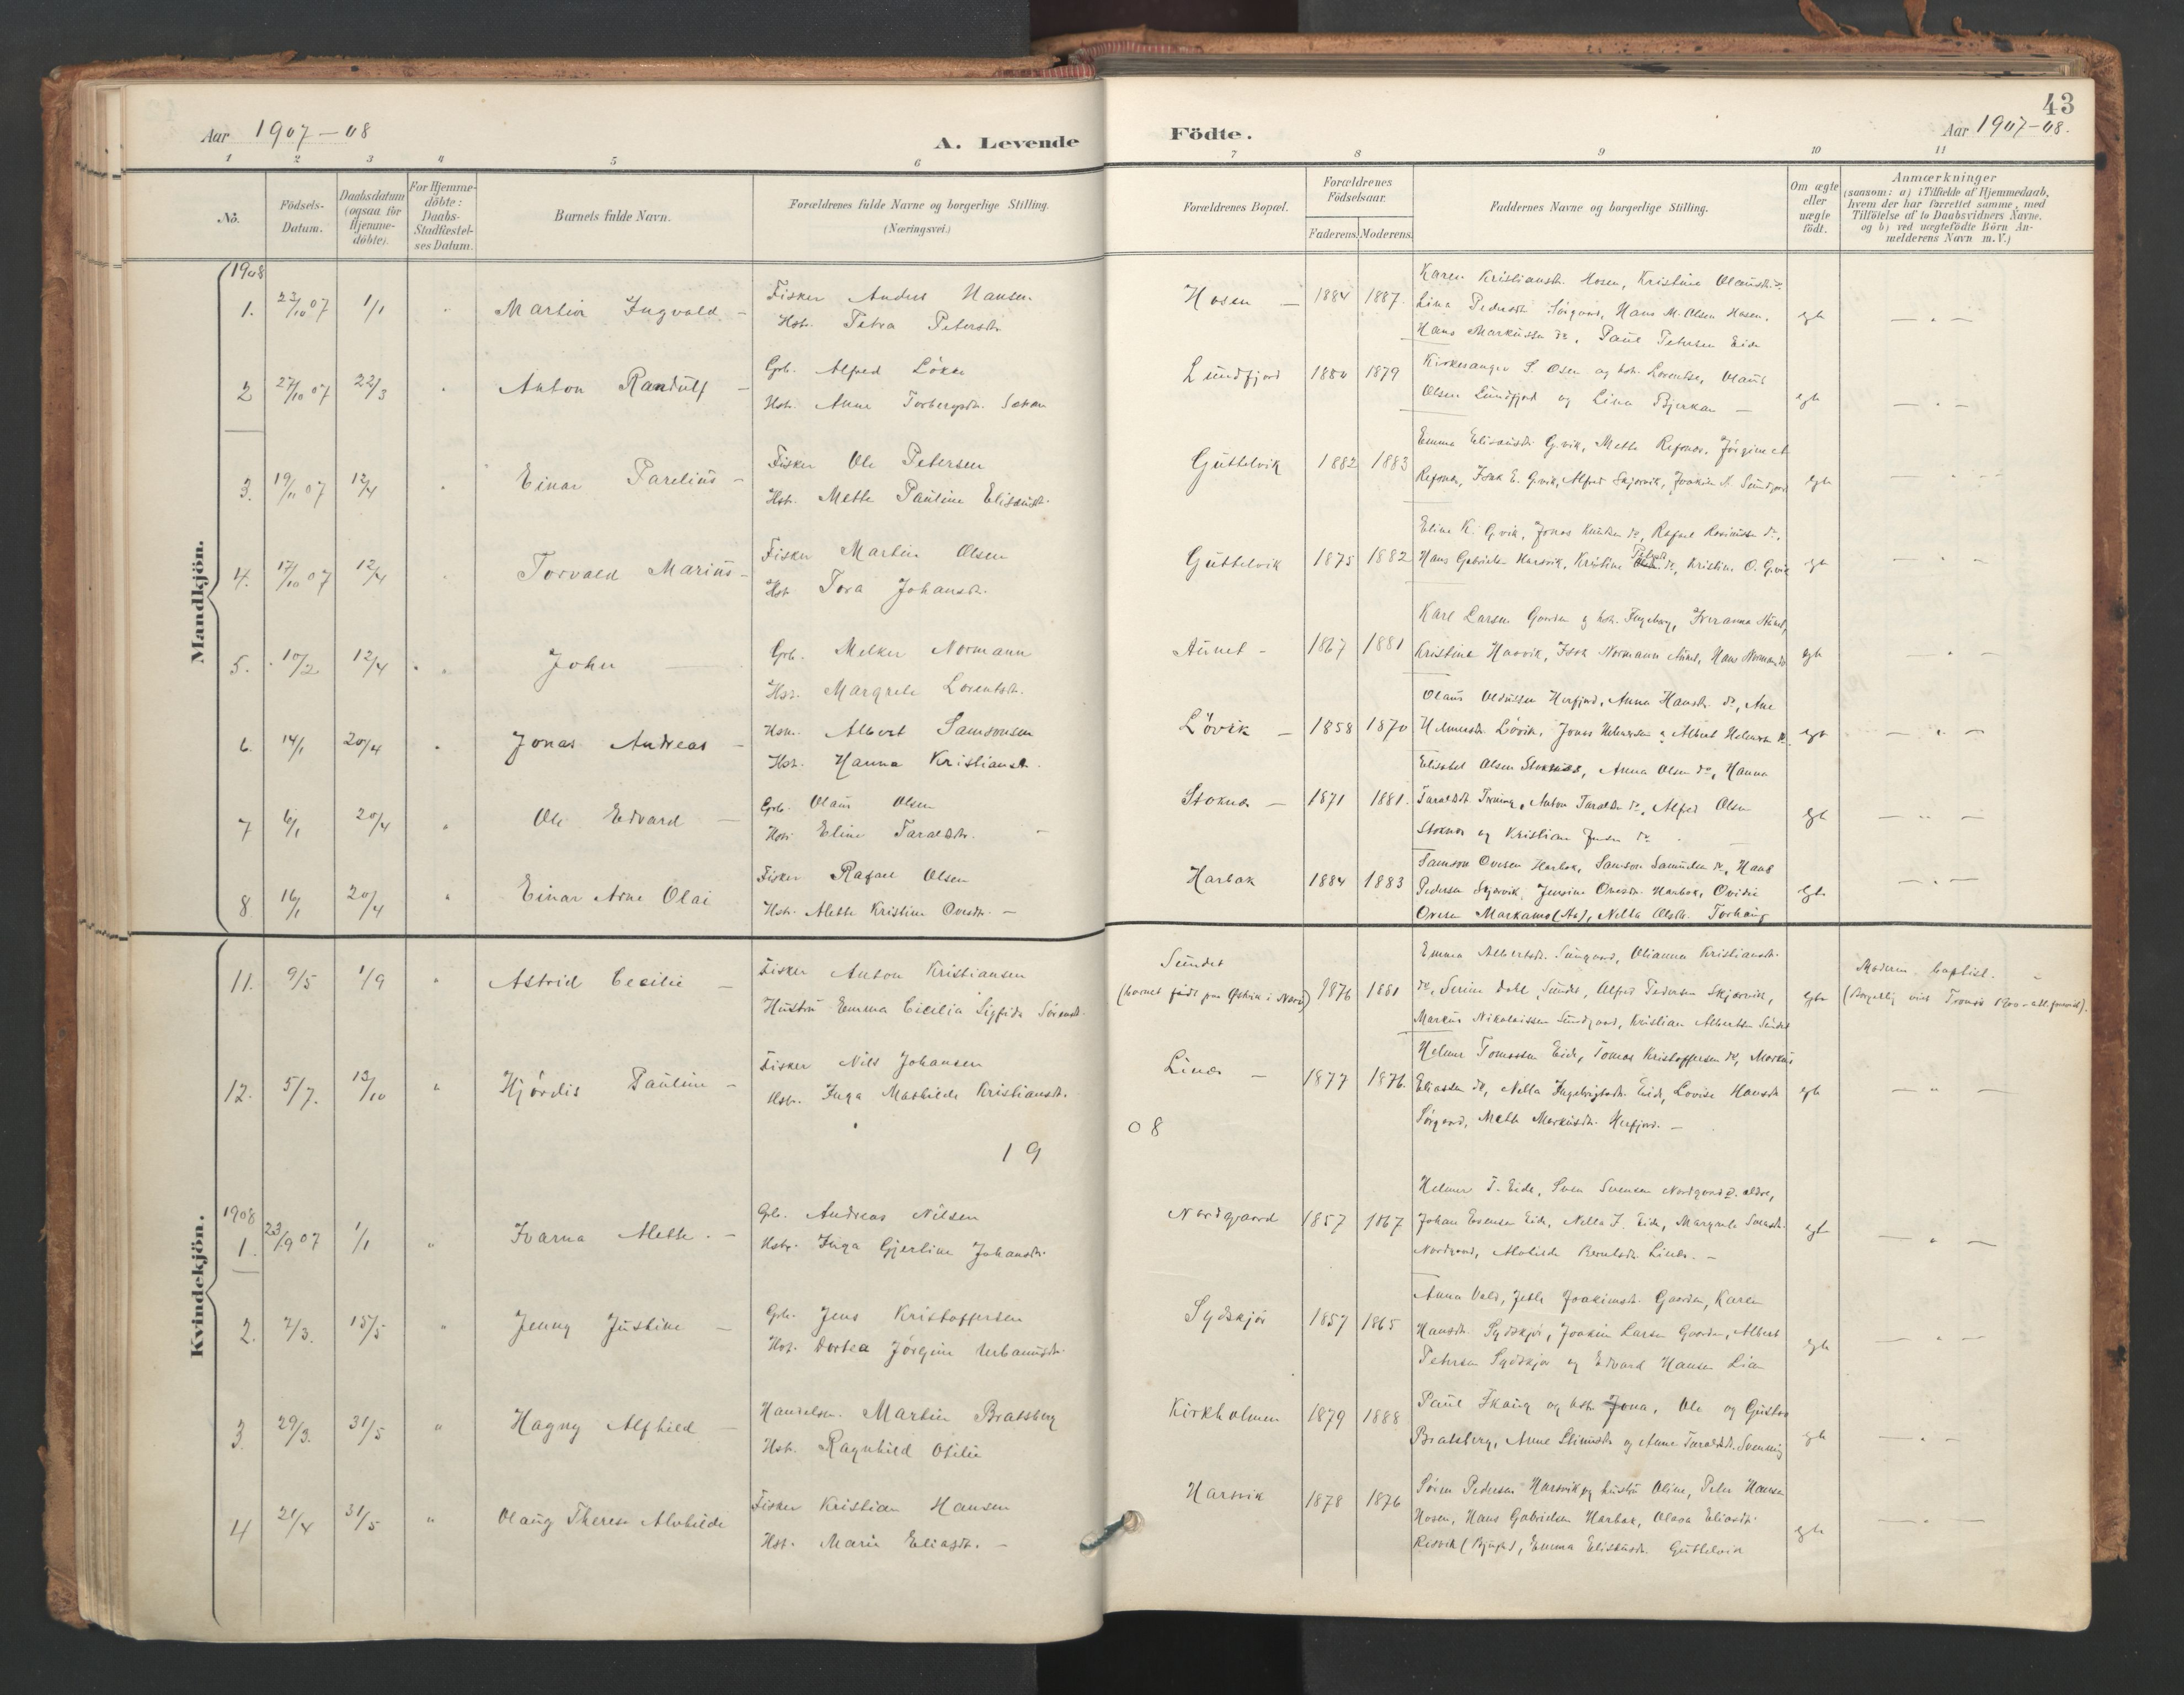 SAT, Ministerialprotokoller, klokkerbøker og fødselsregistre - Sør-Trøndelag, 656/L0693: Ministerialbok nr. 656A02, 1894-1913, s. 43